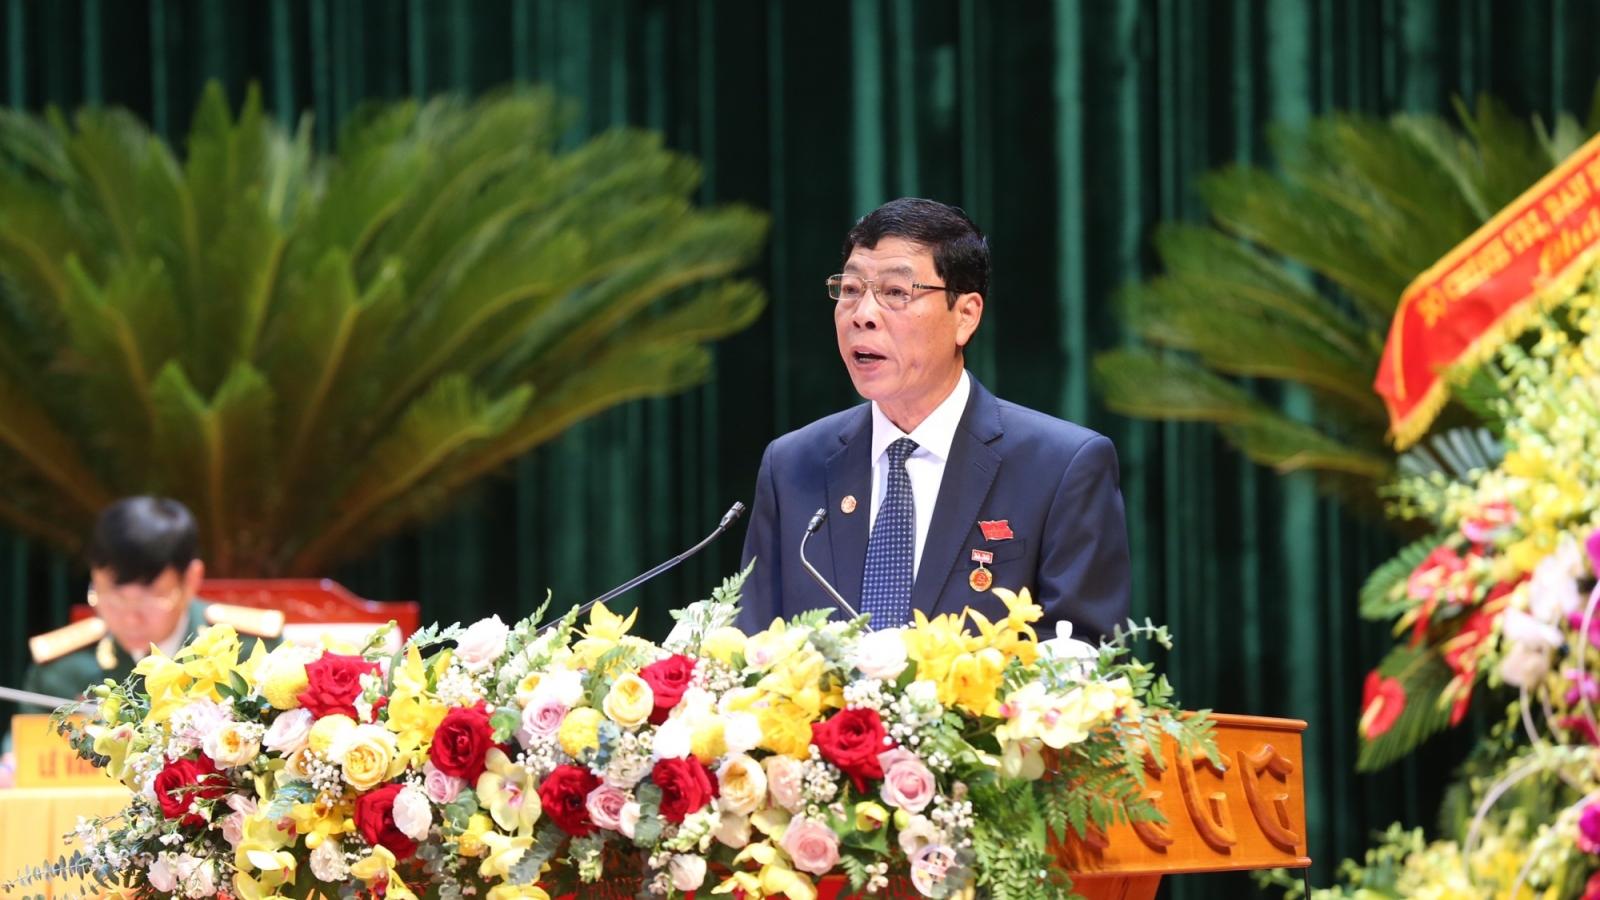 Bắc Giang phấn đấu ở nhóm 15 tỉnh, thành có quy mô kinh tế dẫn đầu